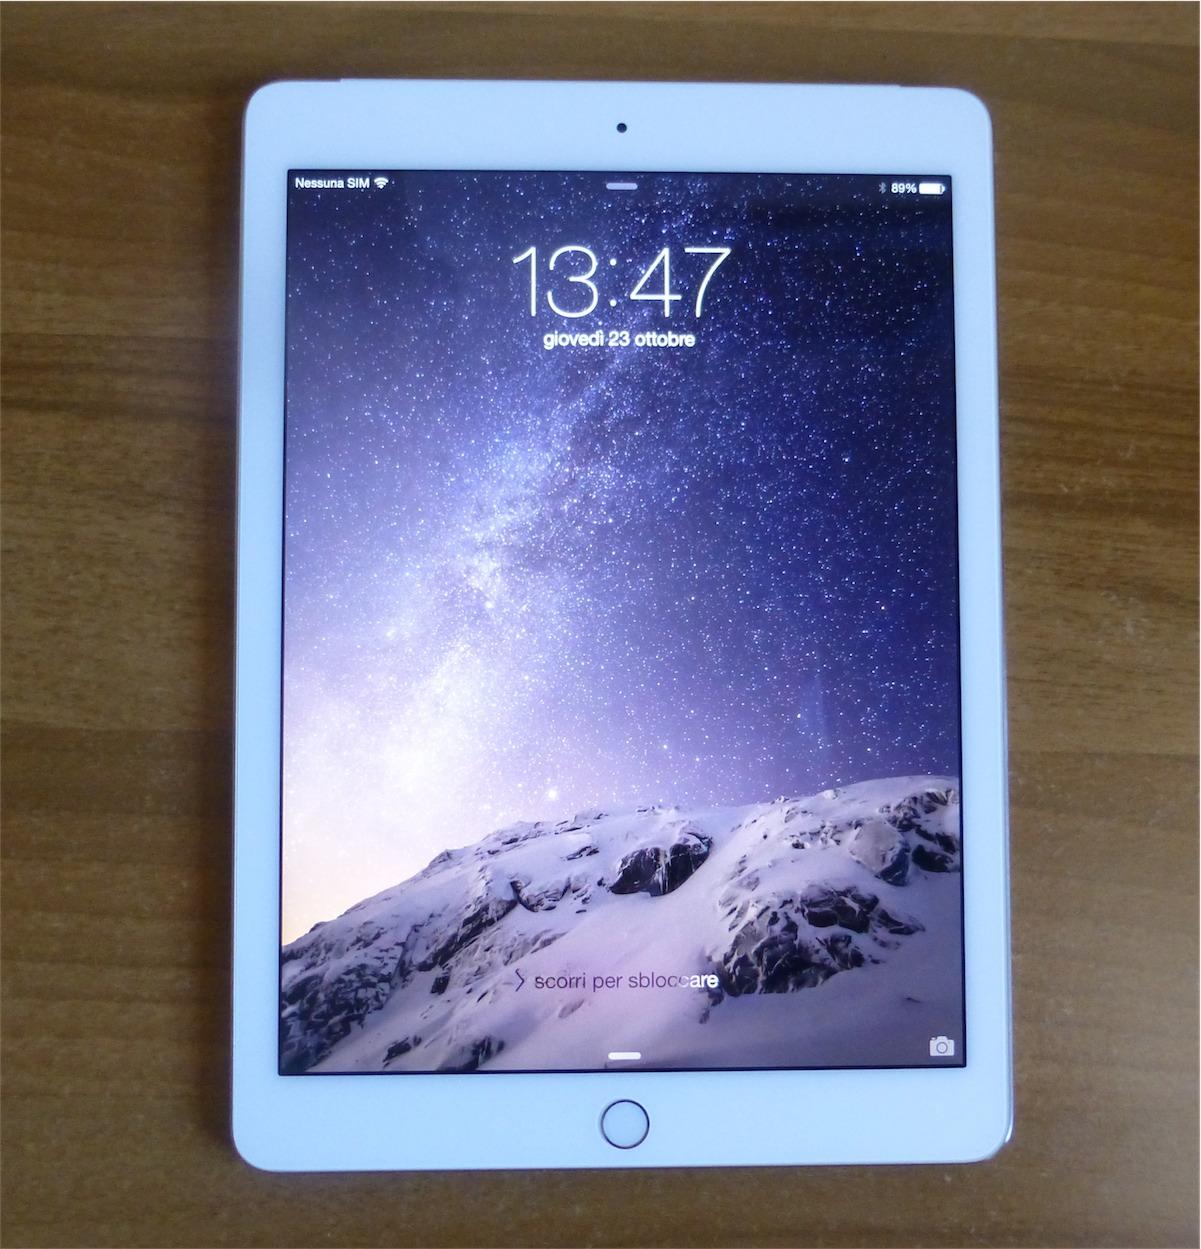 Vibragate, gli altoparlanti dell'iPad 2 vibrano troppo?